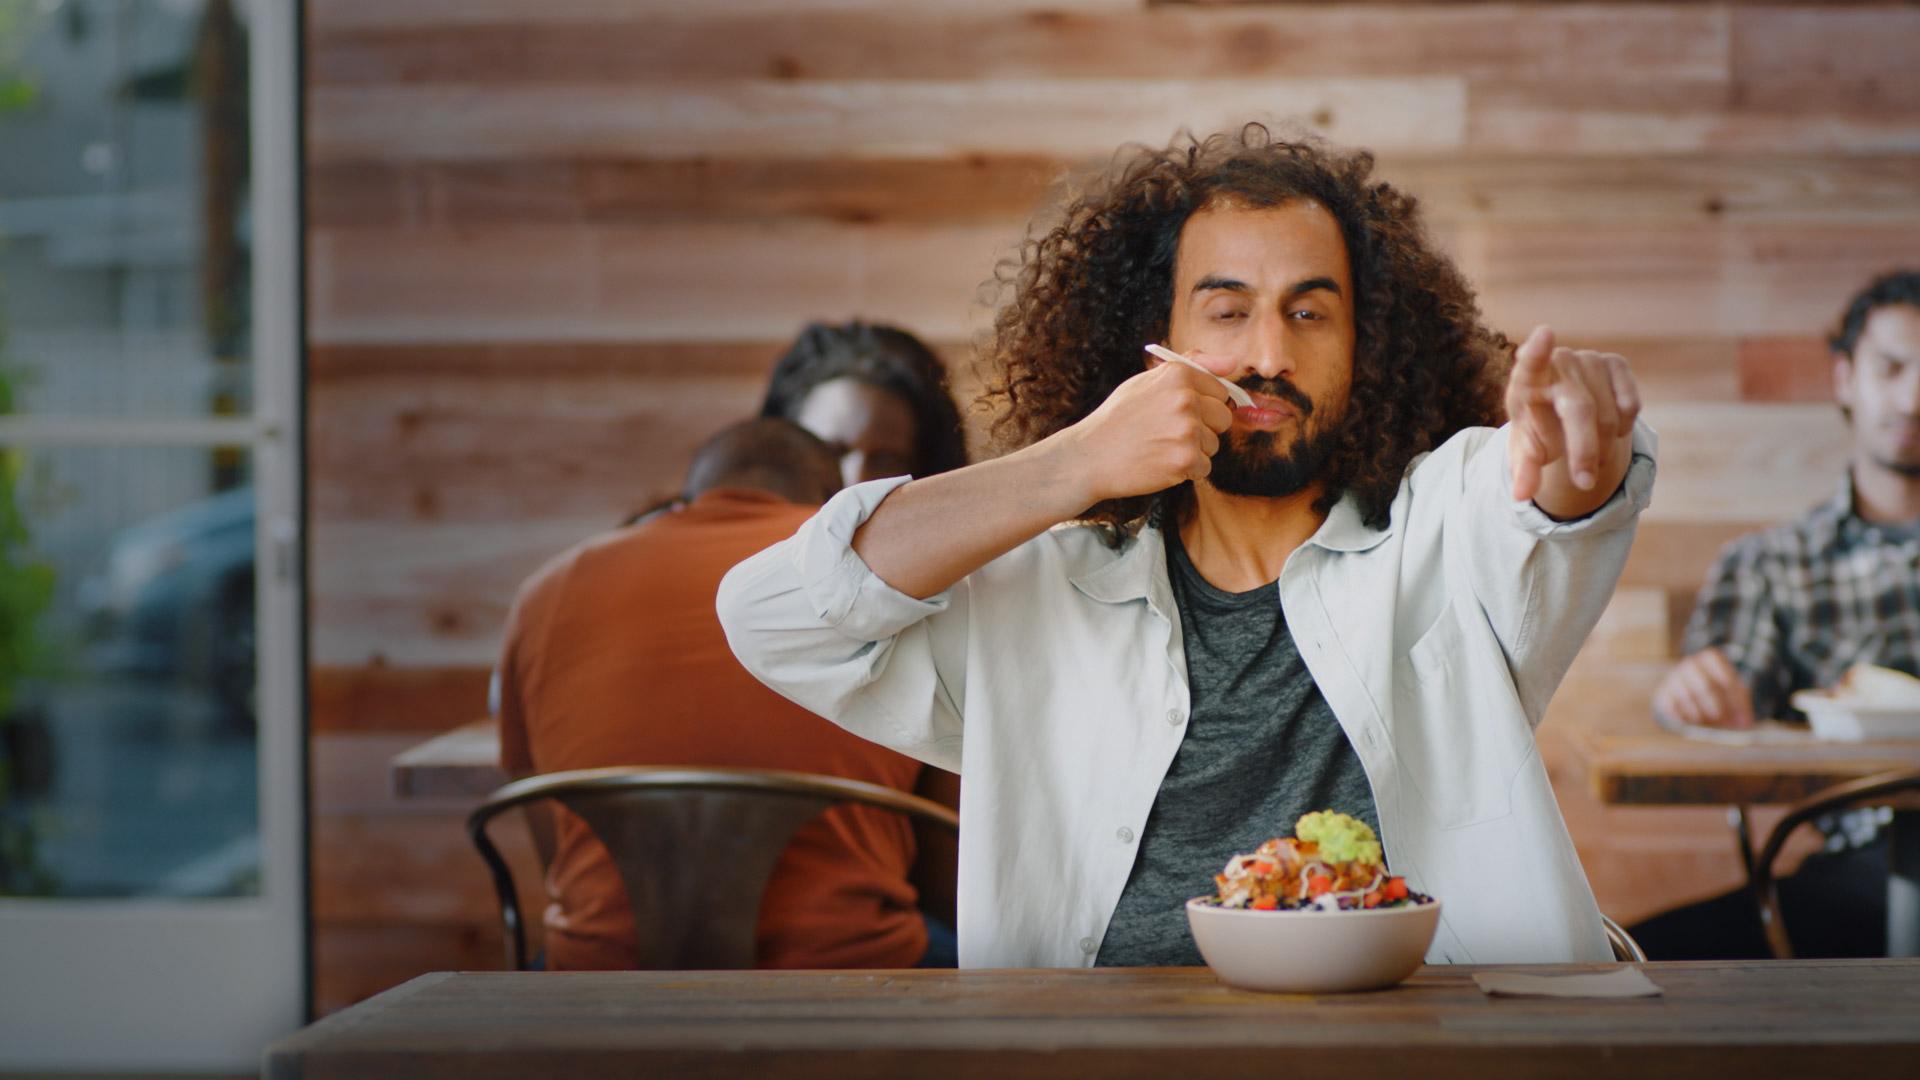 Qdoba Burrito Bowl Brand Campaign